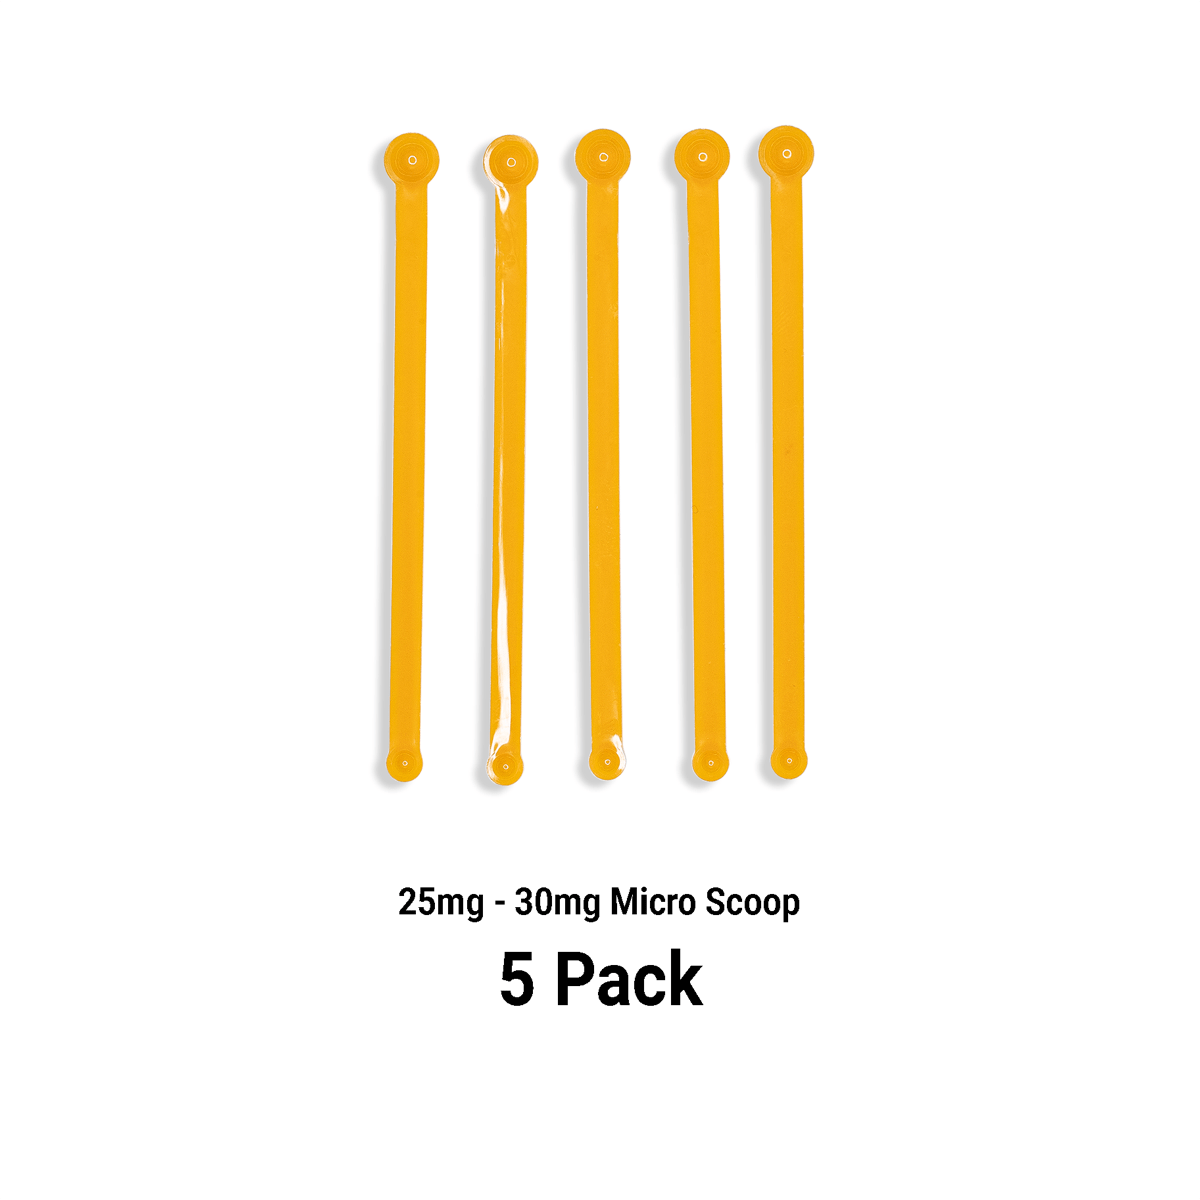 25mg - 30mg Micro Scoop - 5 Pack